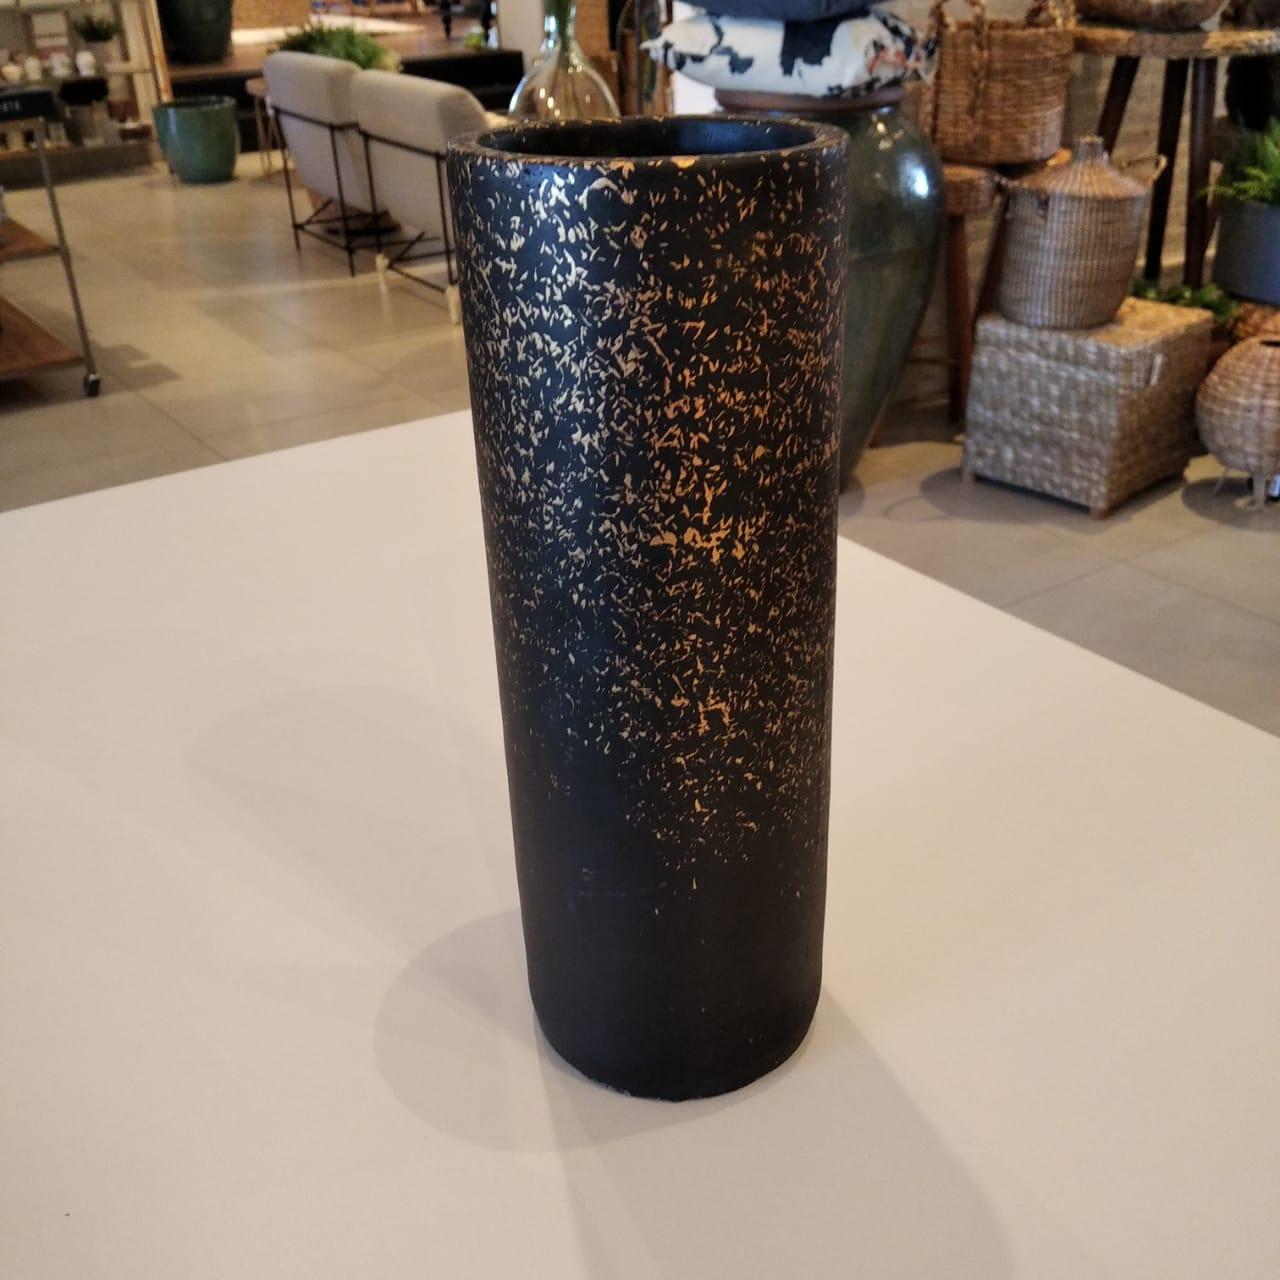 Vaso Preto e Dourado em Cimento  - Lemis